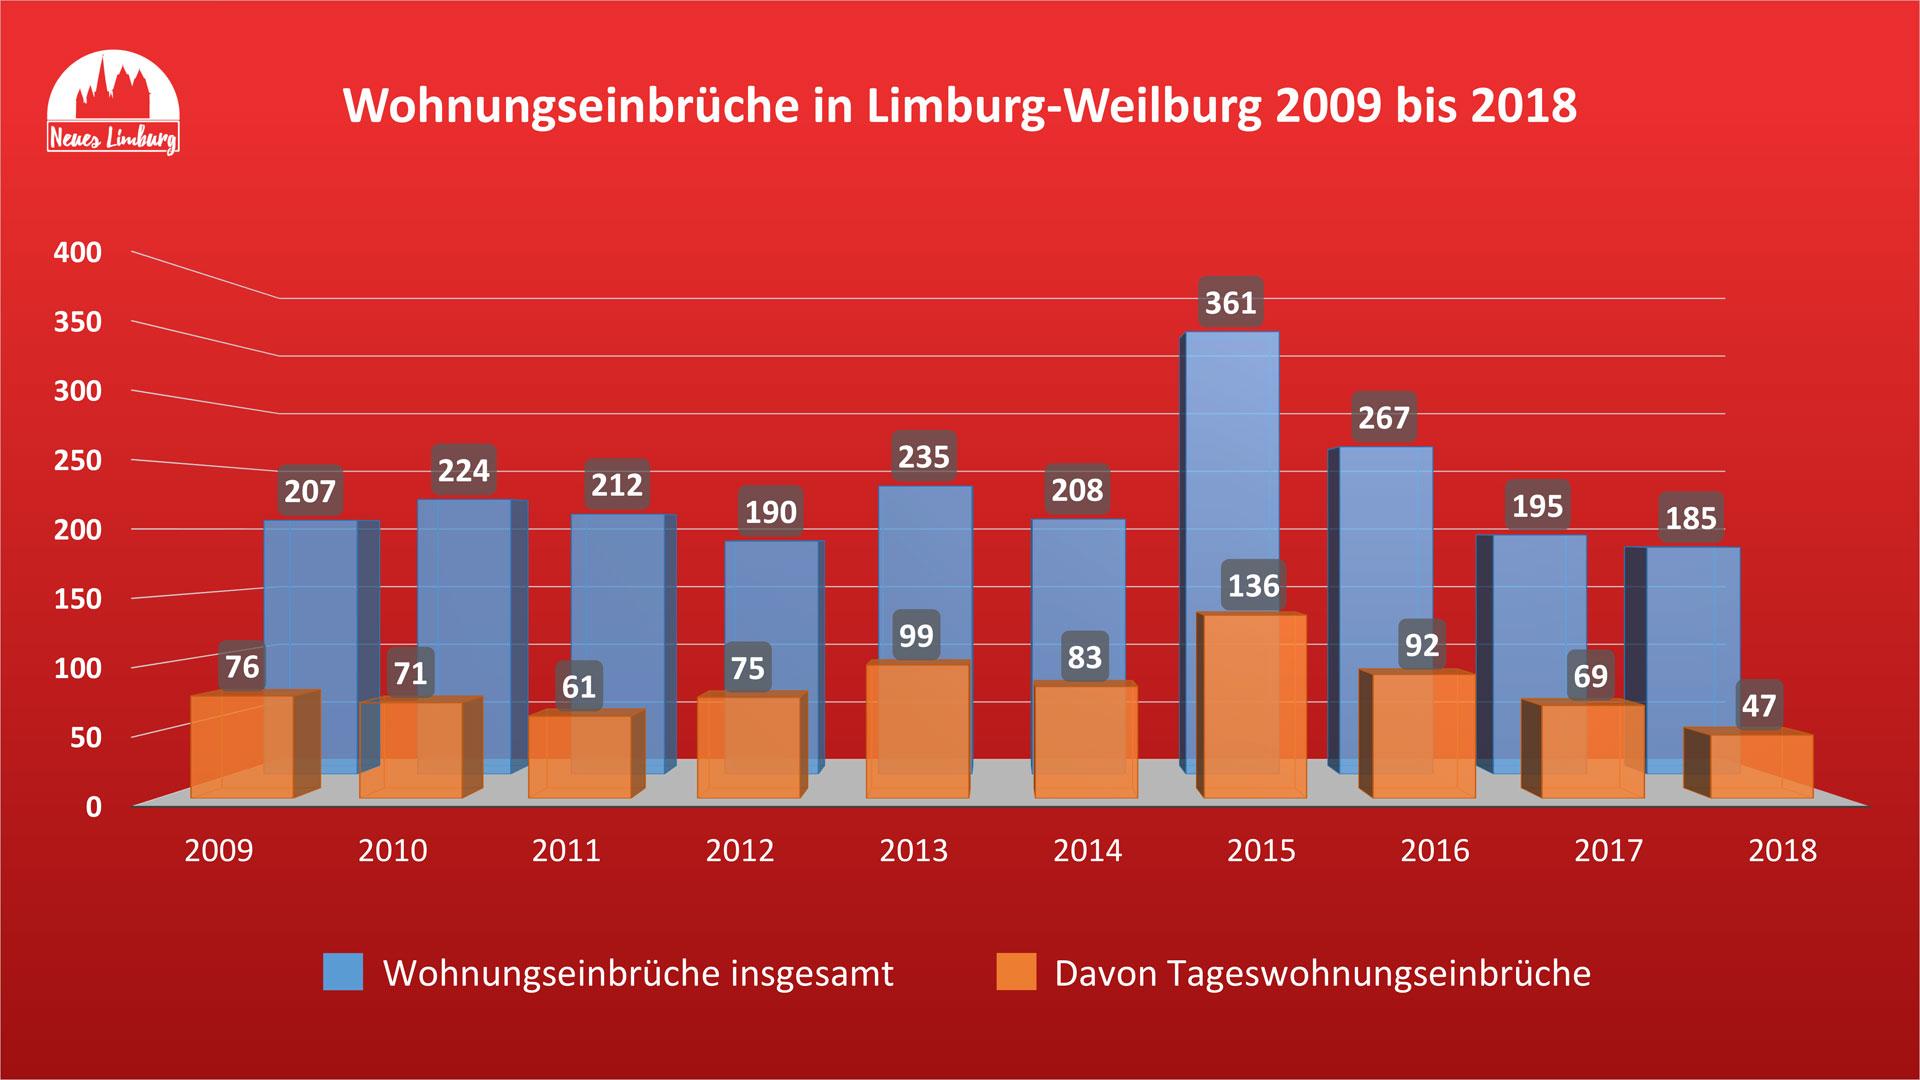 Wohnungseinbrüche in Limburg-Weilburg 2009 bis 2018. © Neues Limburg